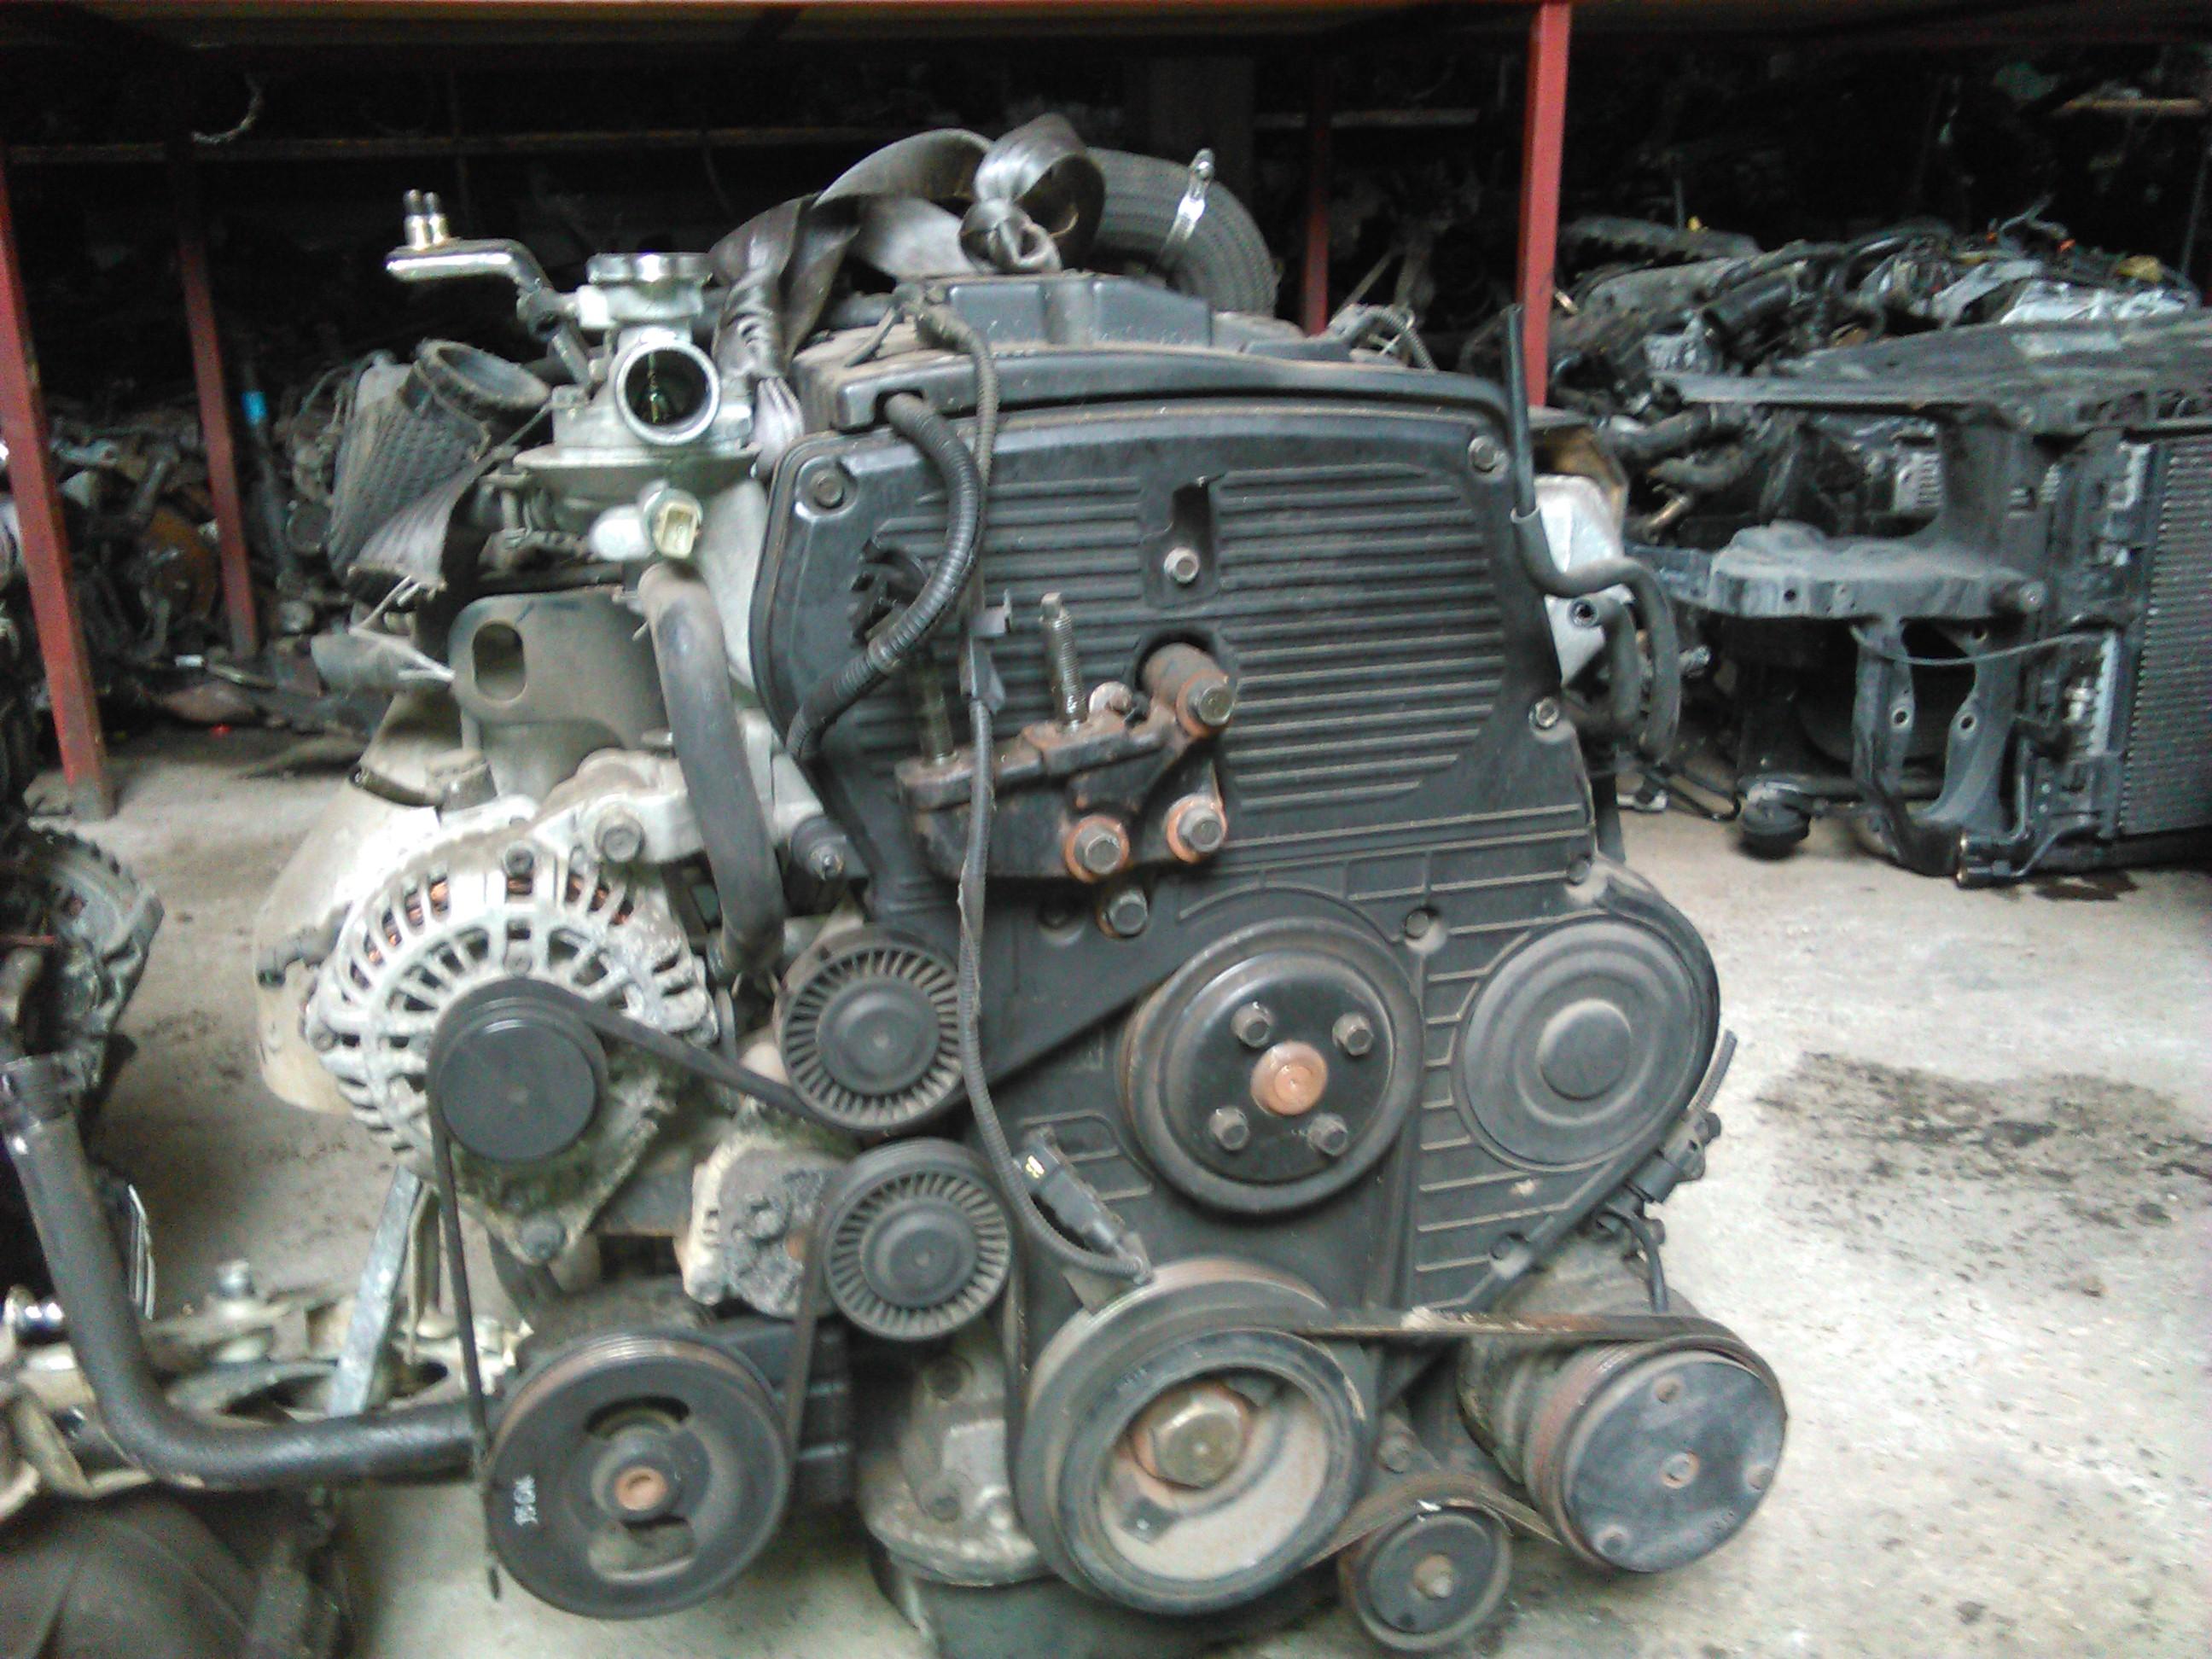 Motor AFN  1.9 TDI Audi A4, A6, Ford Galaxy, Seat Alhambra, Cordoba, Toledo, Ibiza, Vw Golf III, Gol